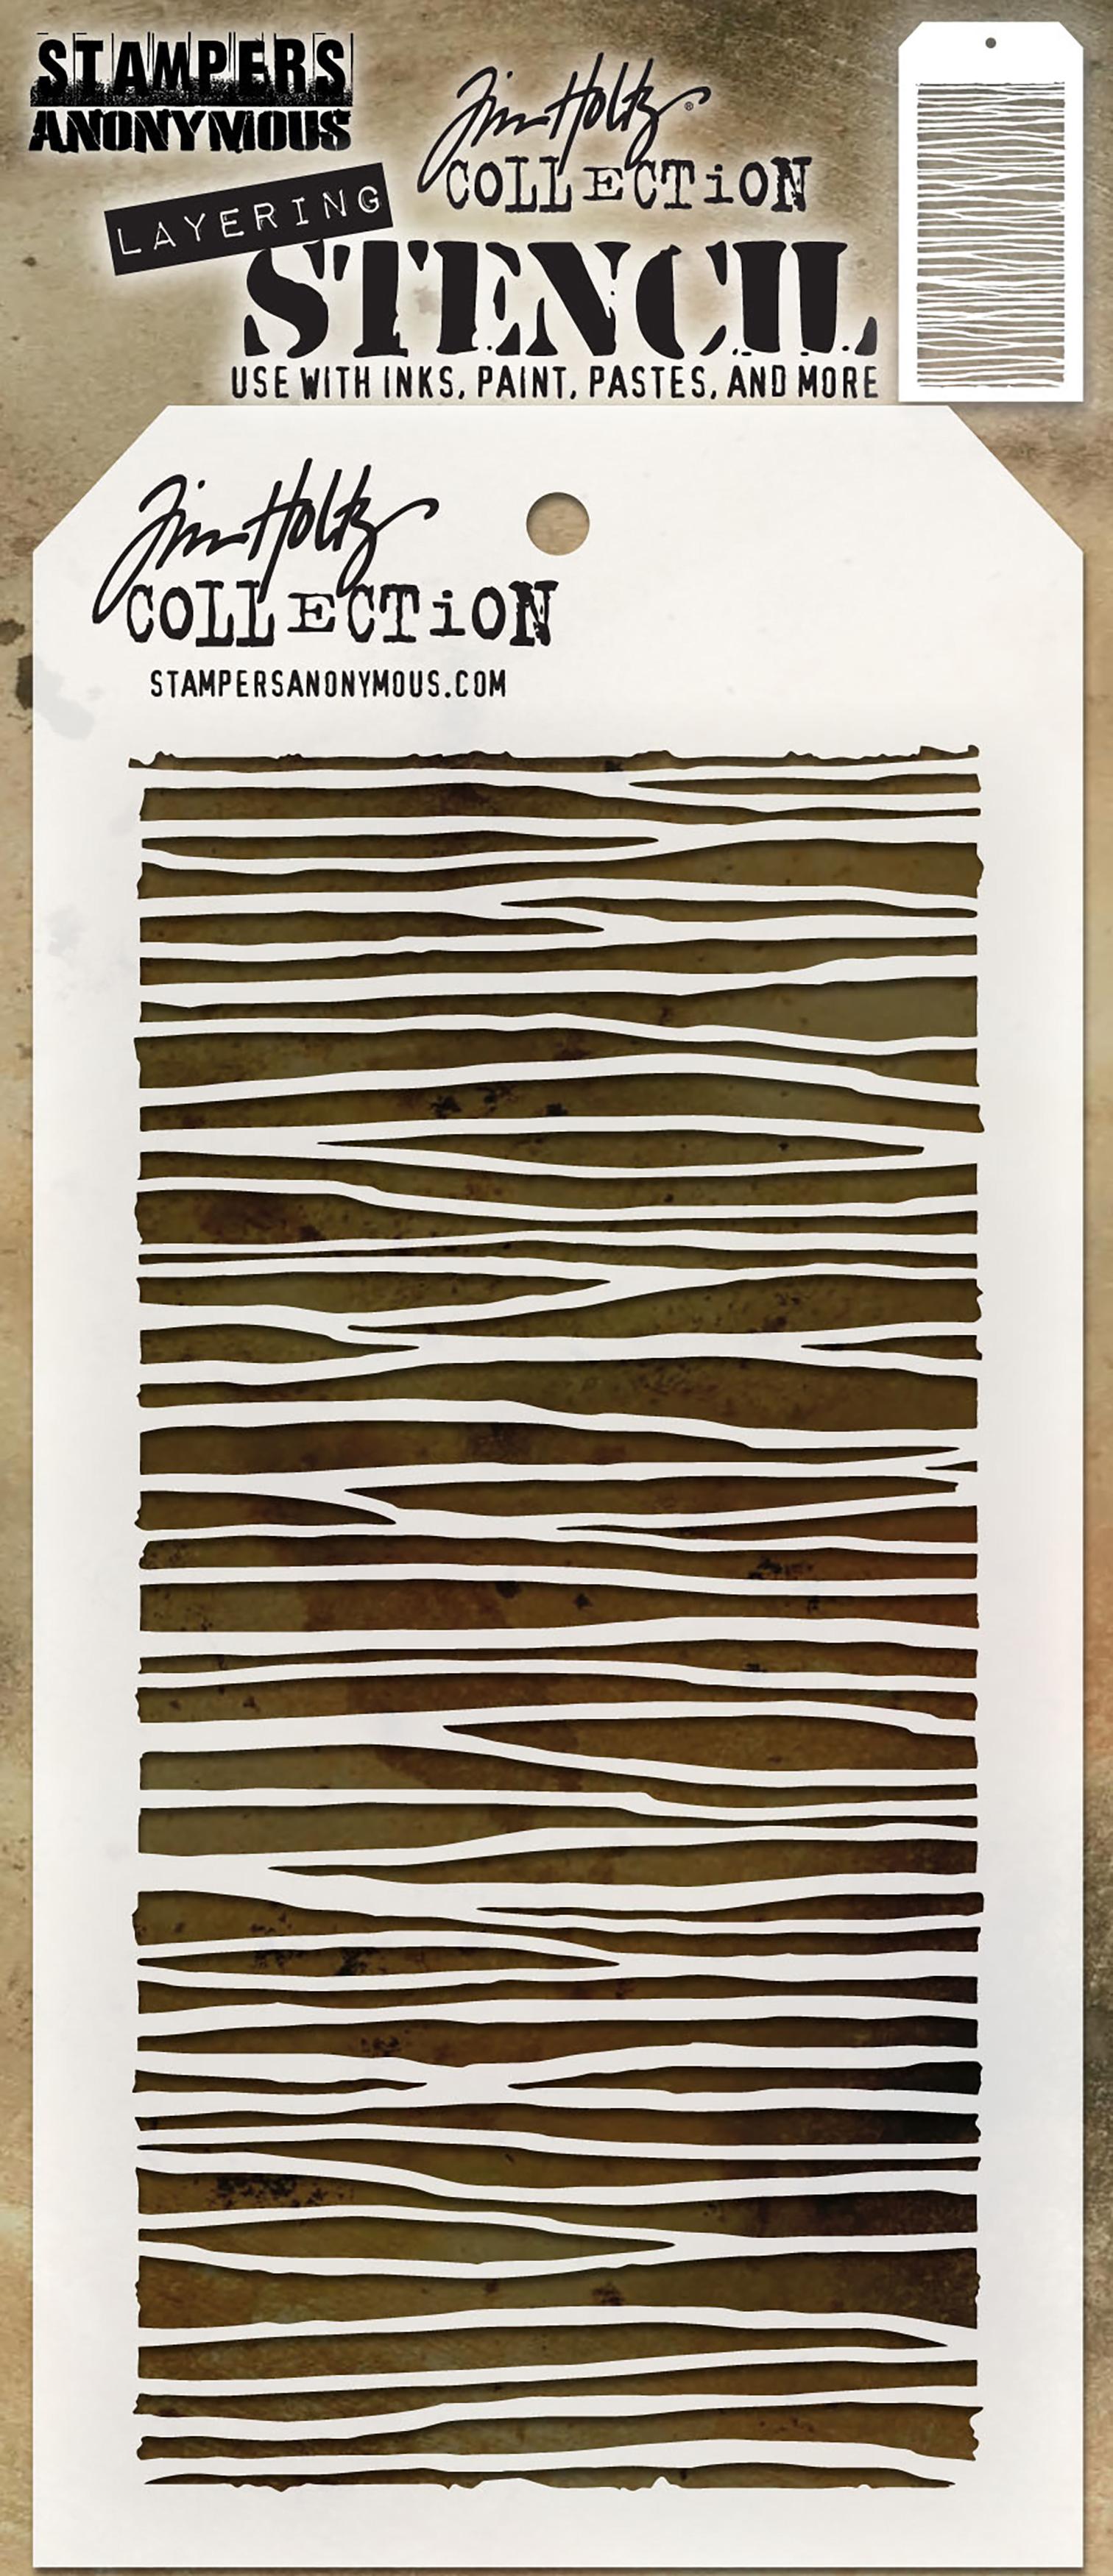 Tim Holtz Layered Stencil 4.125X8.5-String